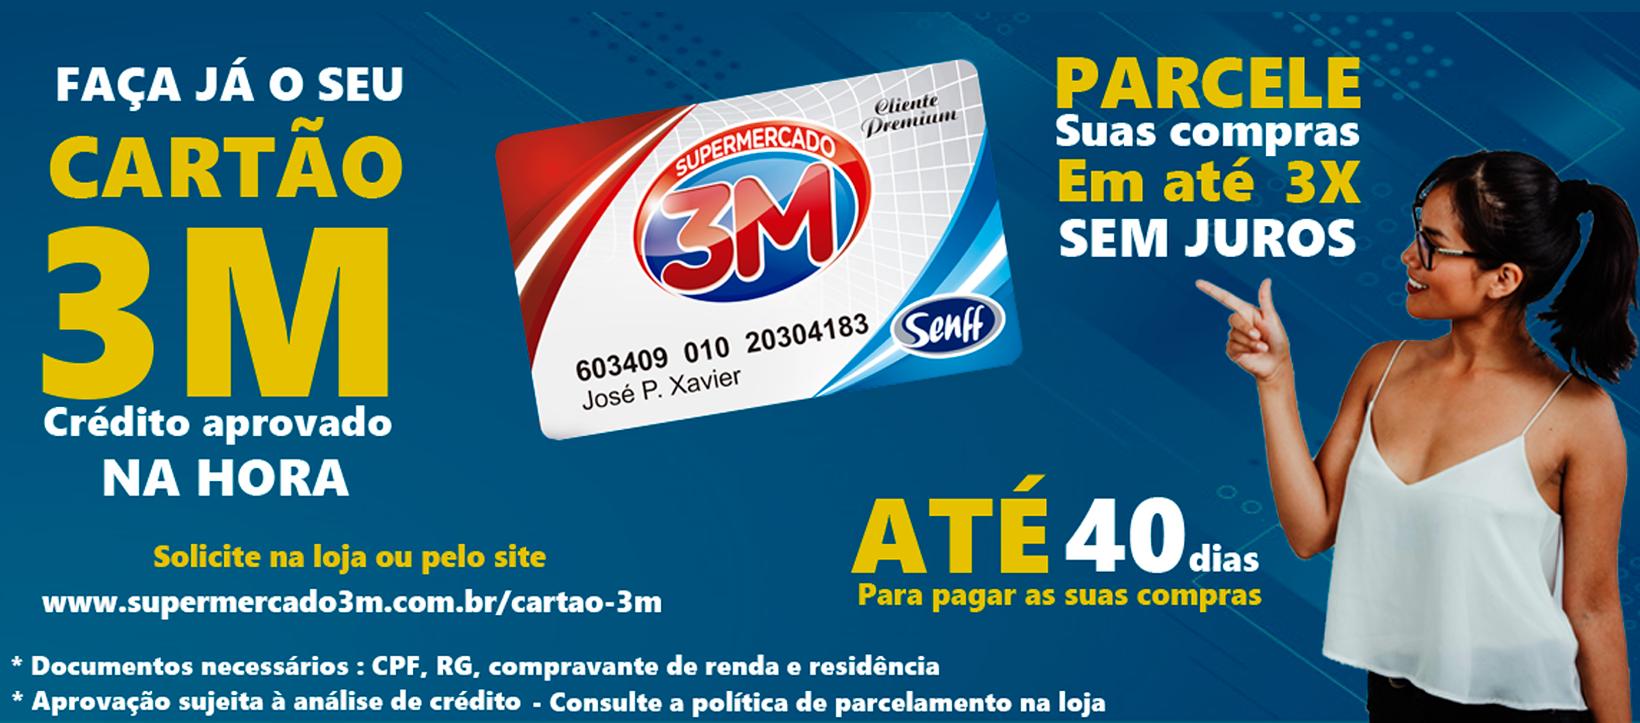 CAPA_SITE_CARTÃO_NOVO_2.png